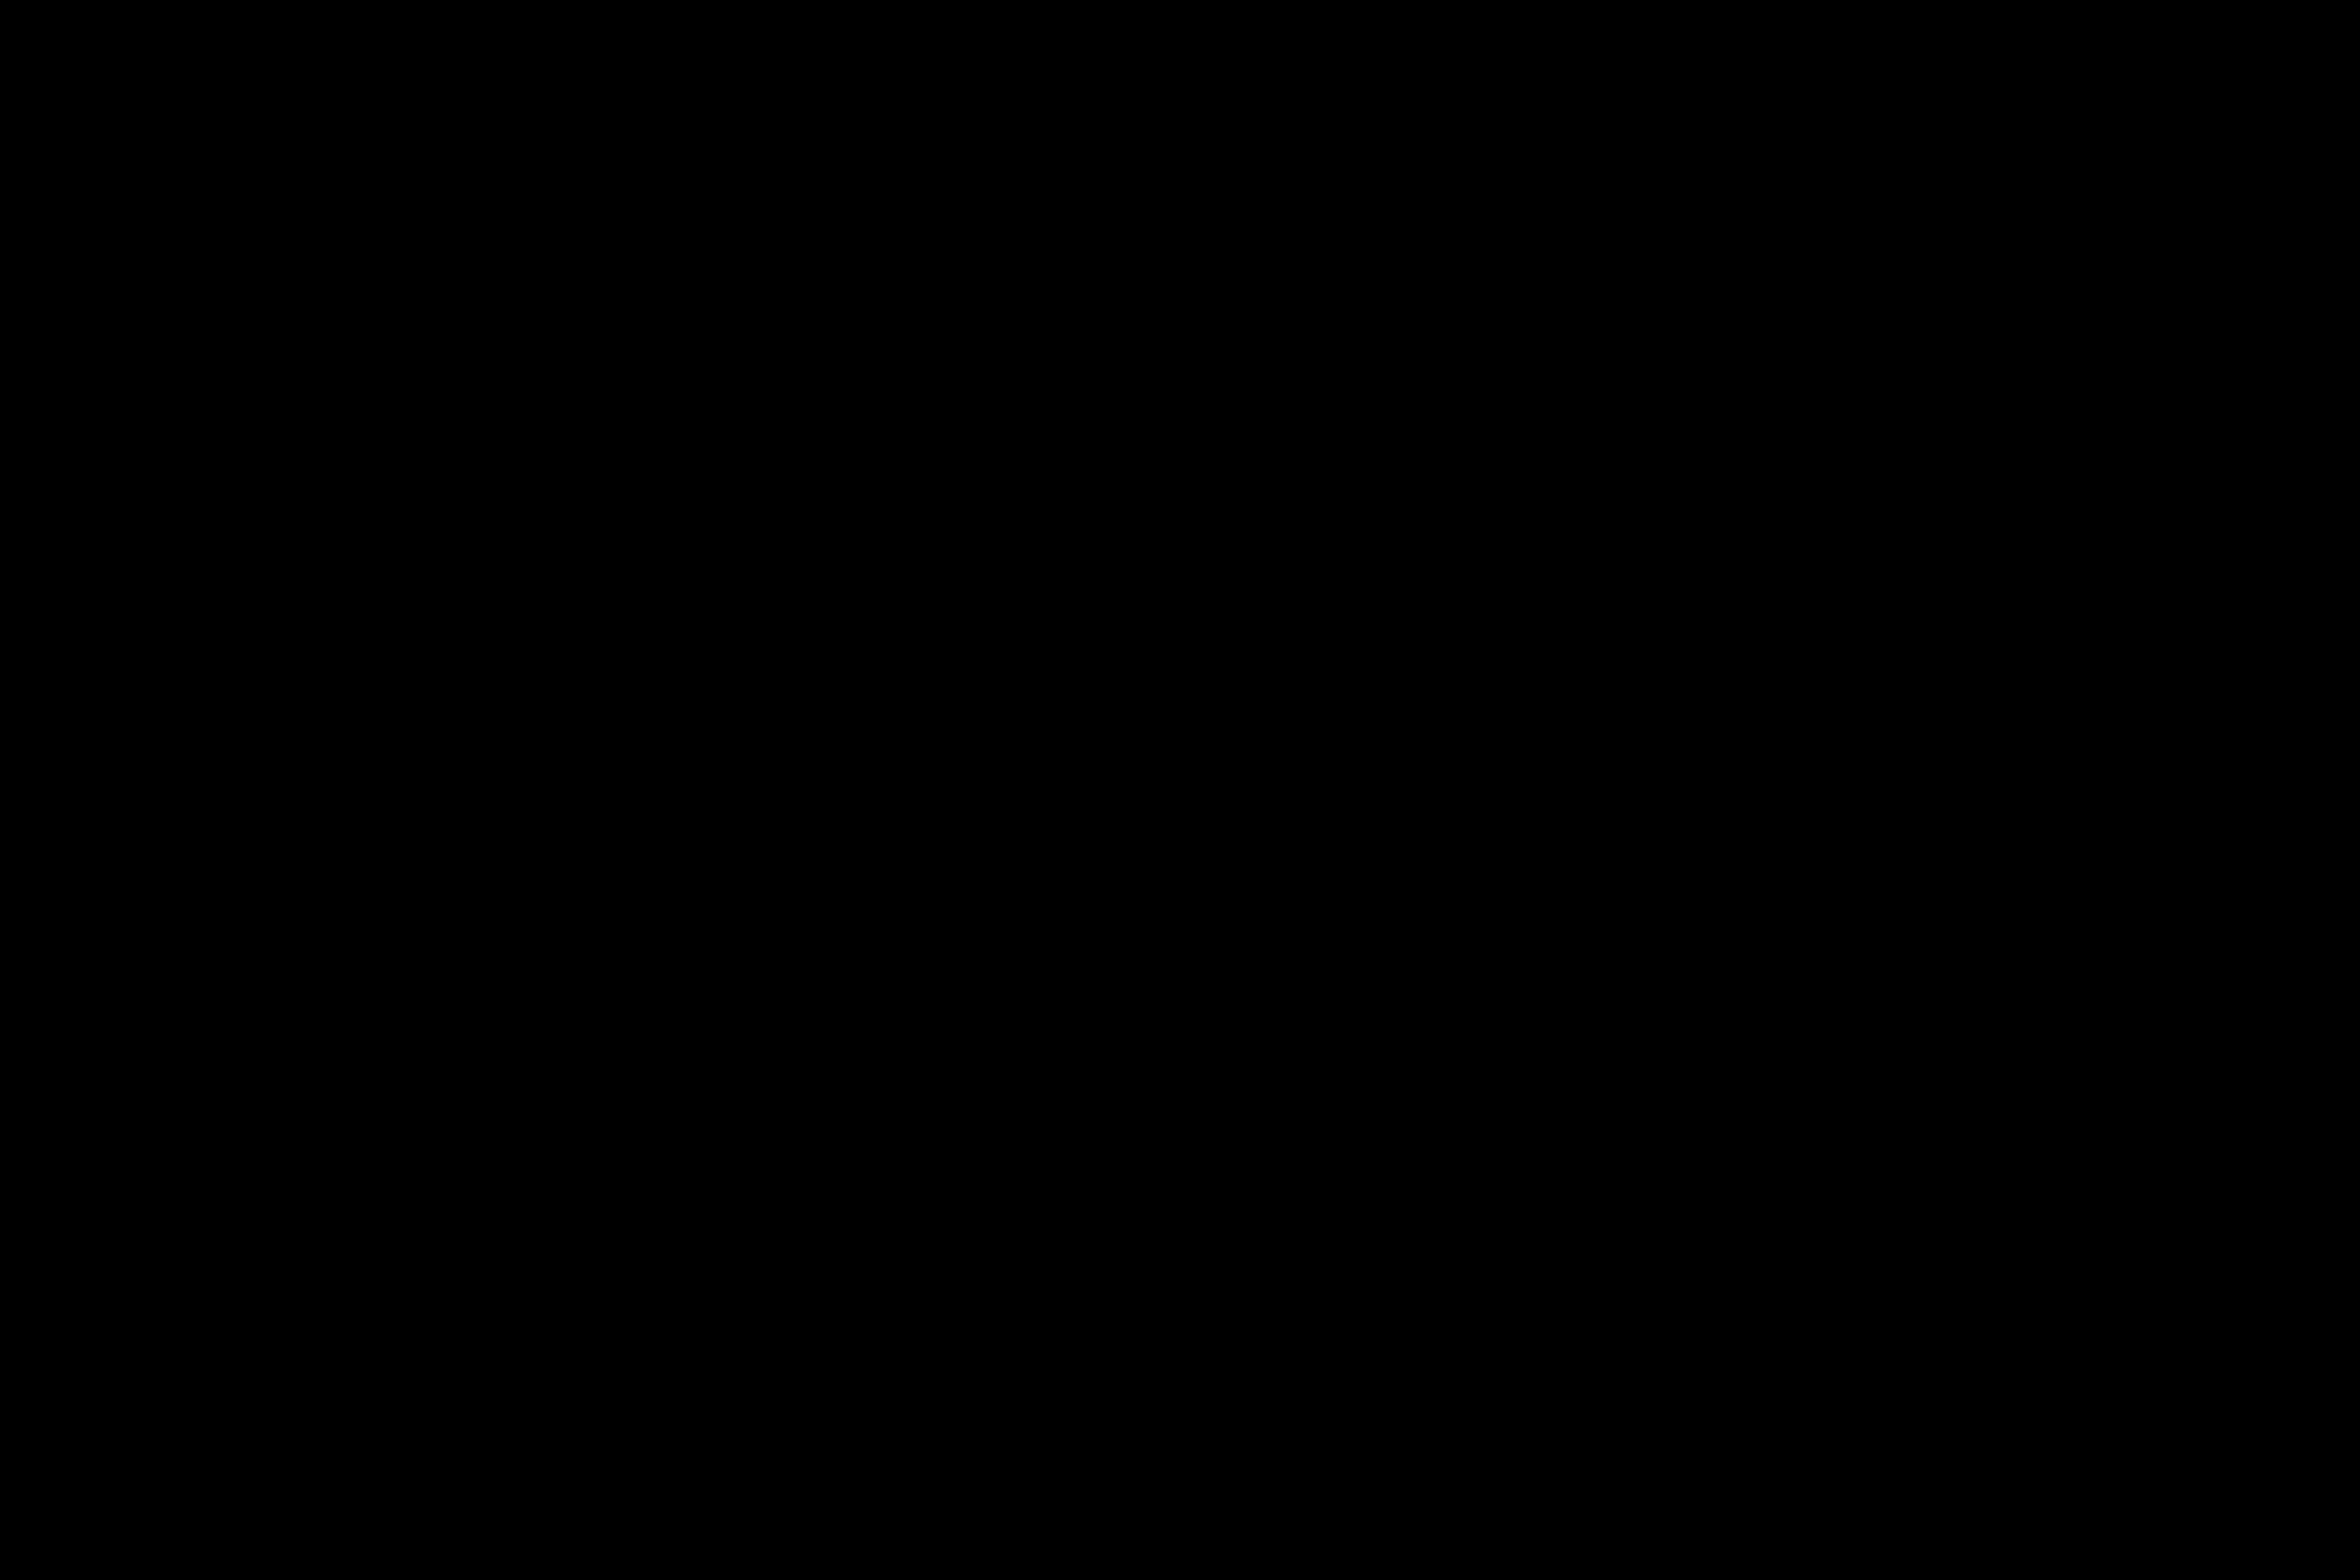 Acic participa de ação do Sebrae com parceiros estratégicos